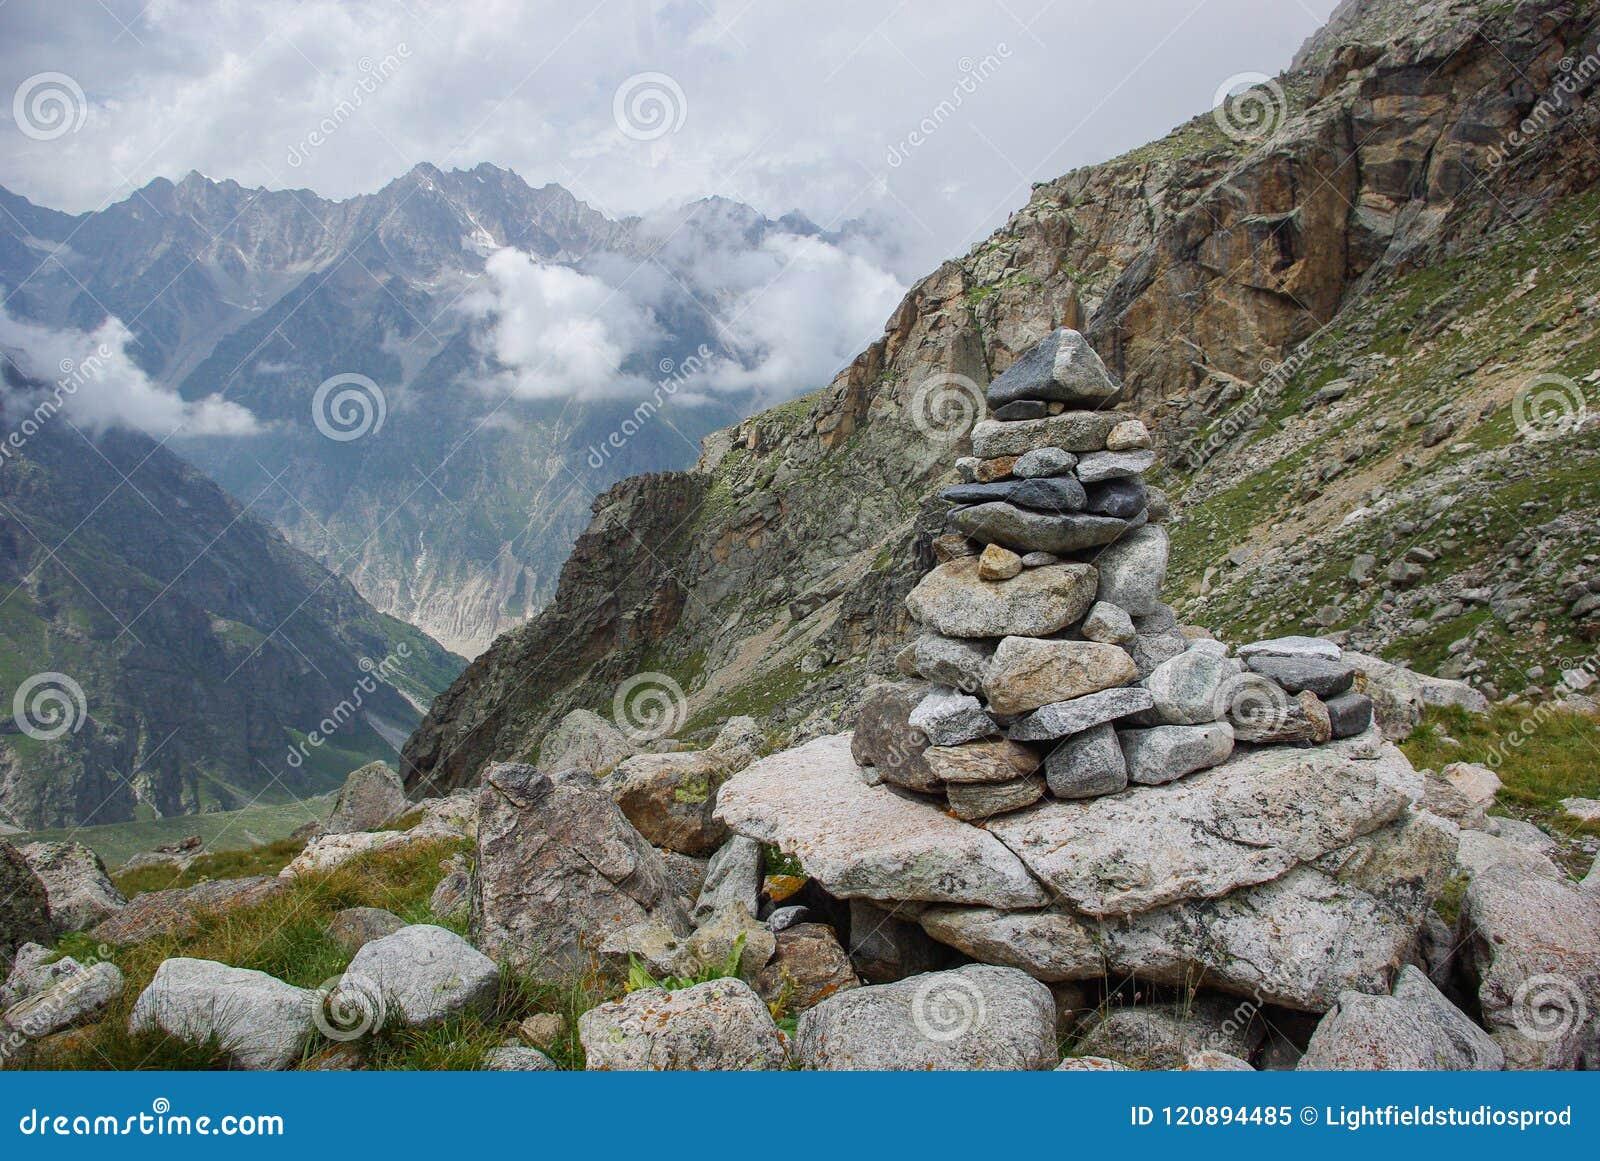 Stenar arkitektur i rysk federation för berg, Kaukasus,